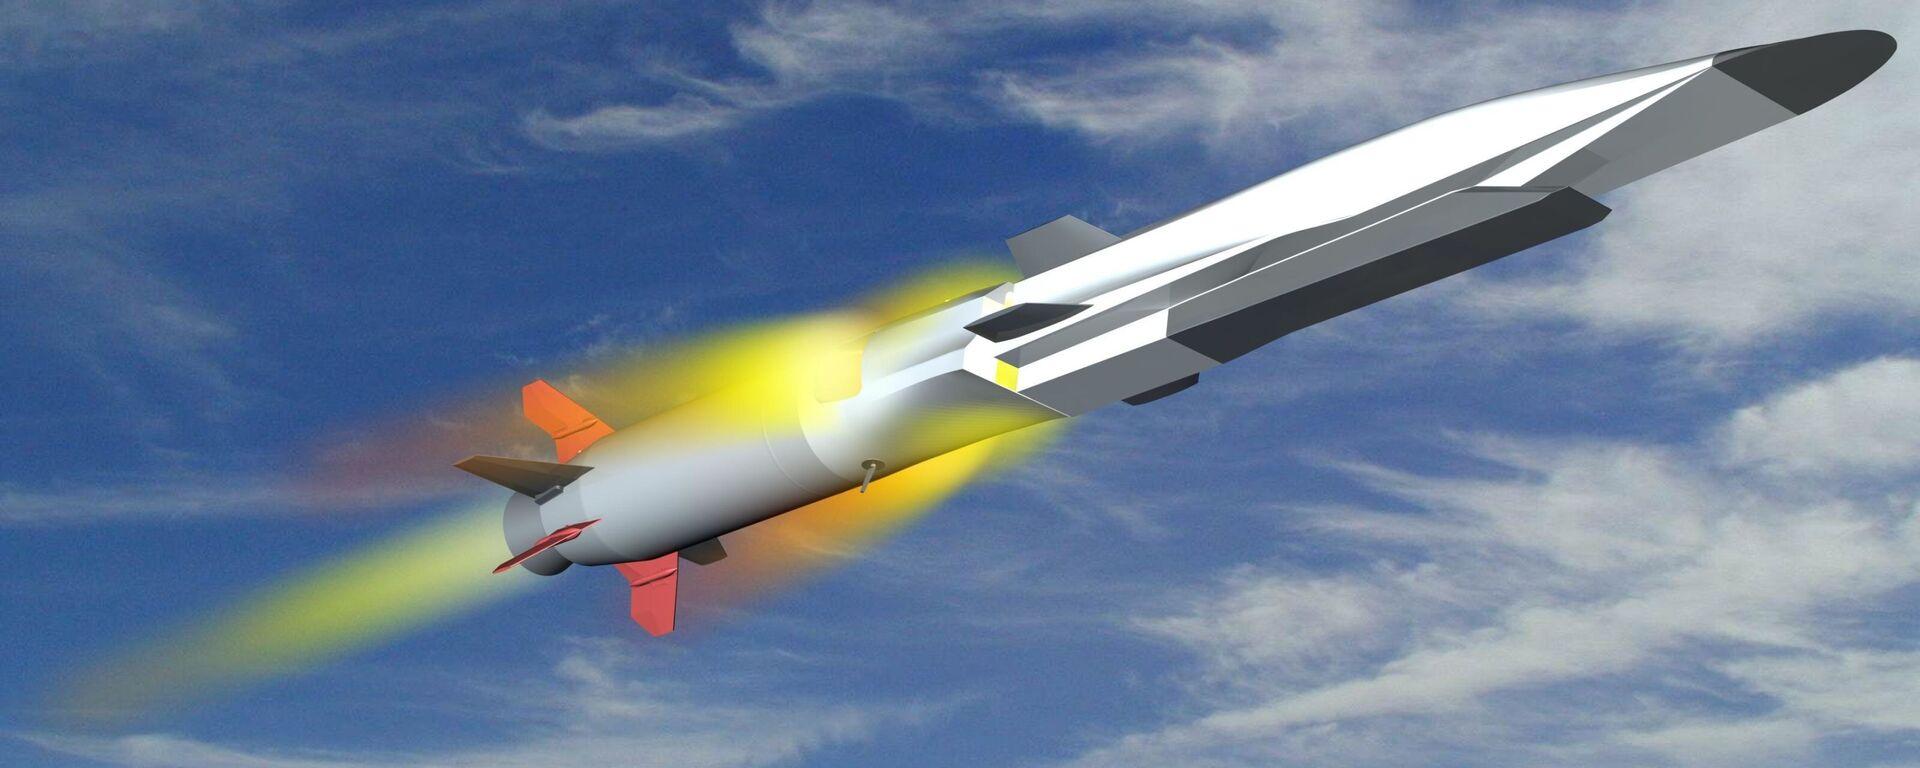 """Il missile ipersonico """"Zircon"""", capace di raggiungere una velocità 5 – 6 volte superiore a quella del suono - Sputnik Italia, 1920, 22.01.2020"""